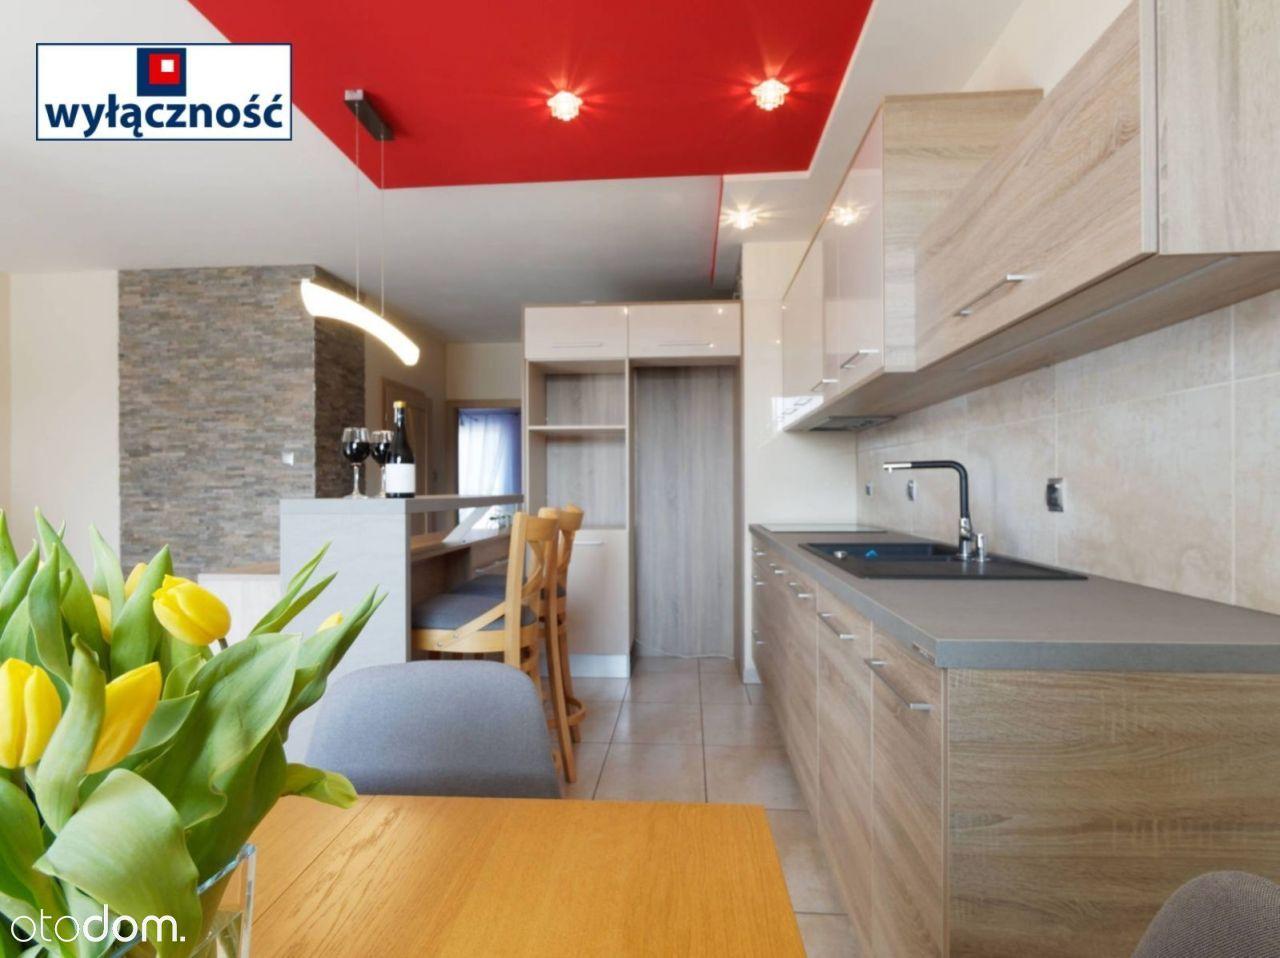 Komfortowy apartament - Boryczki 6 w Tarnowie